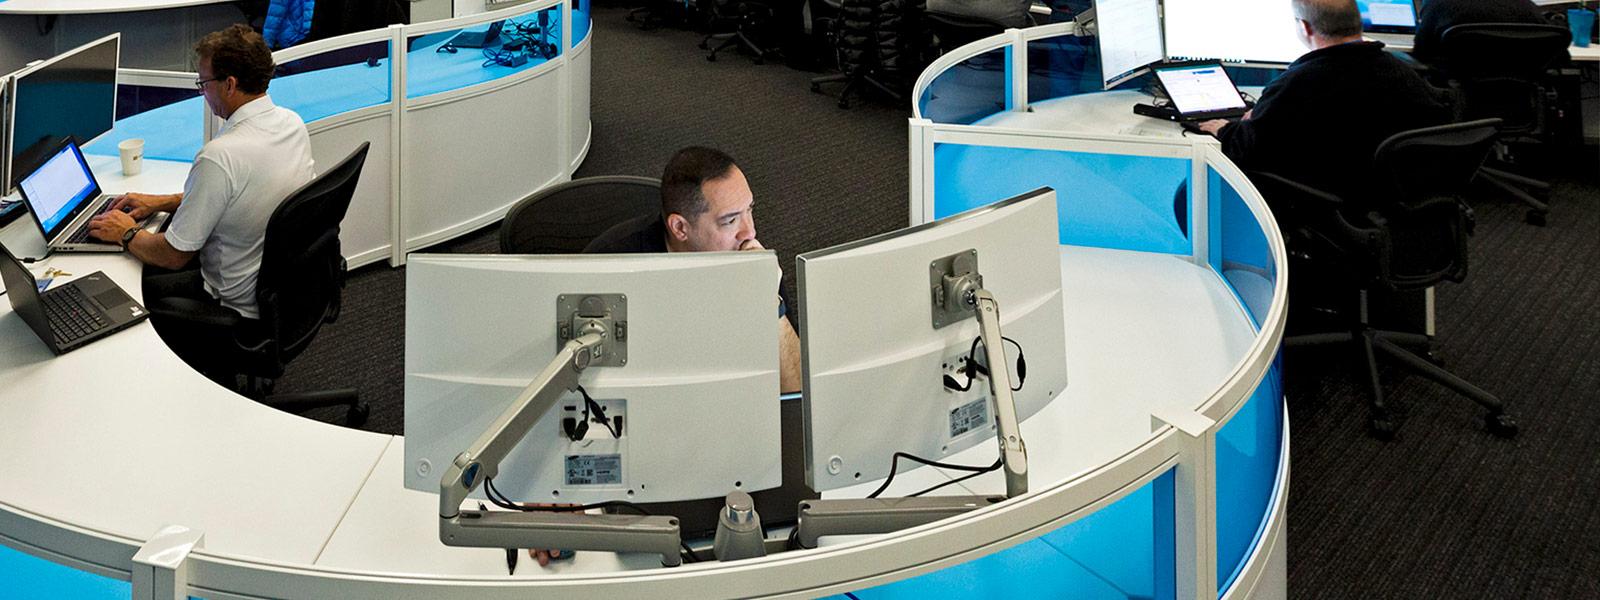 Hombre en el centro de seguridad cibernética mirando 2 monitores